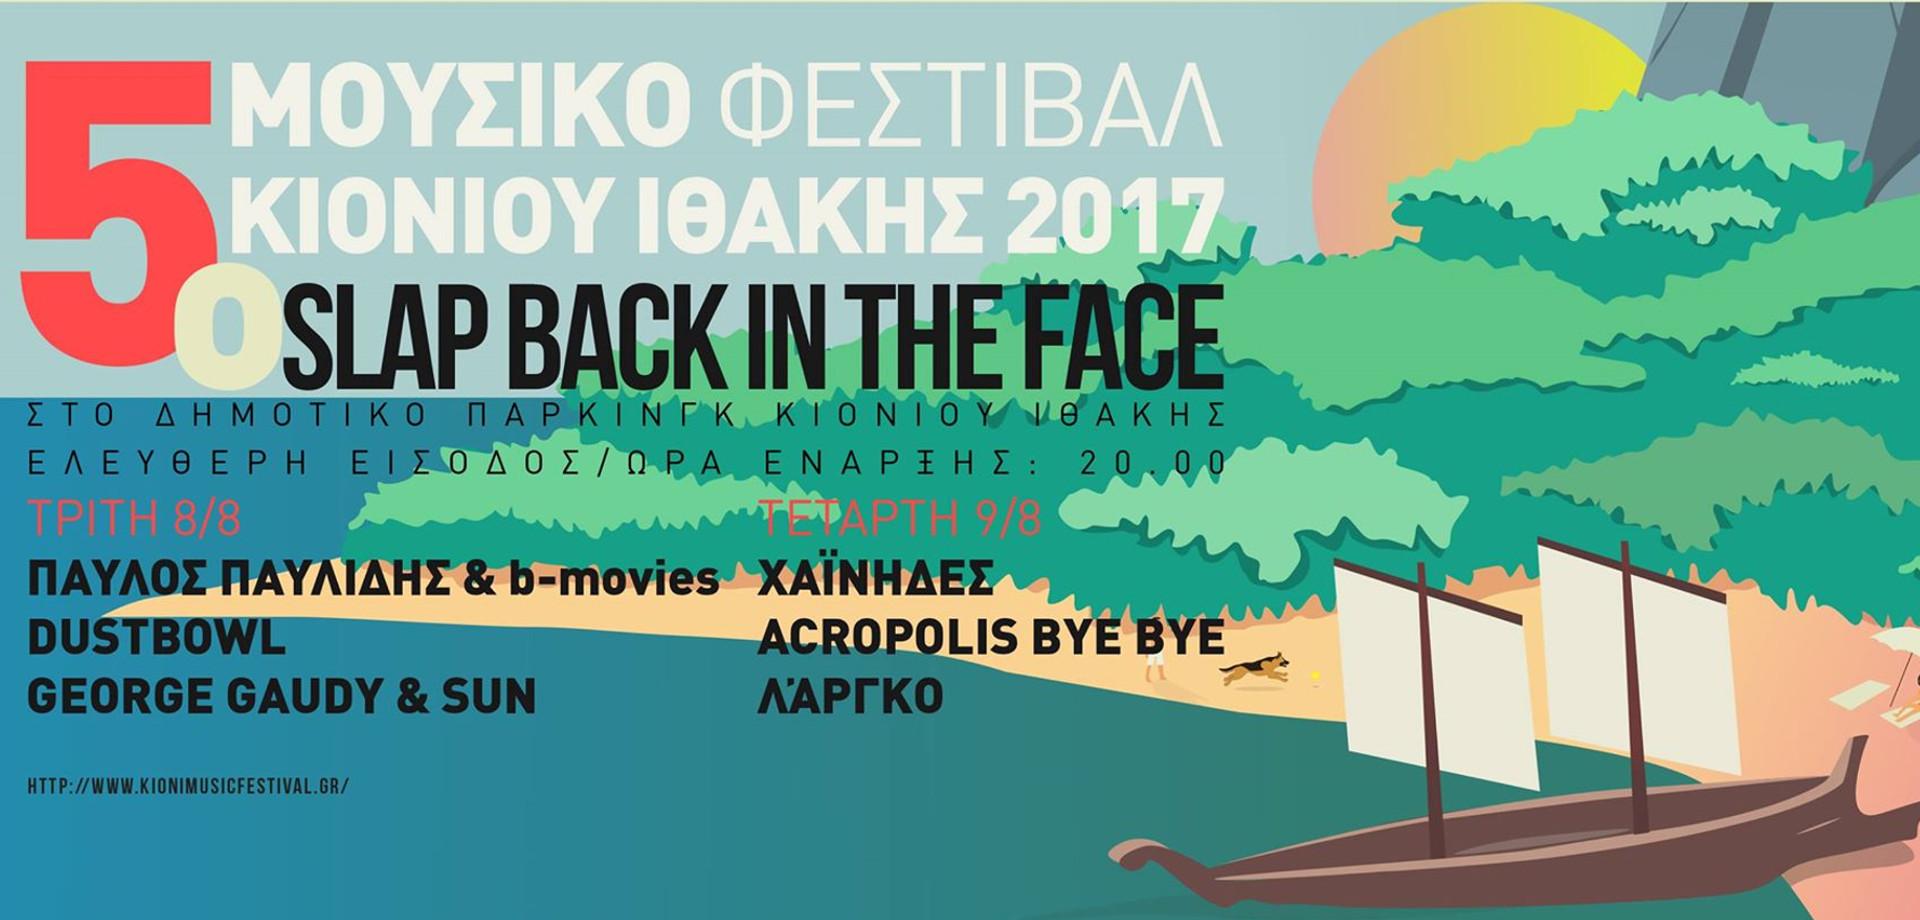 """5ο Φεστιβάλ Κιονίου Ιθάκης """"Slap Back in the Face"""" 2017"""